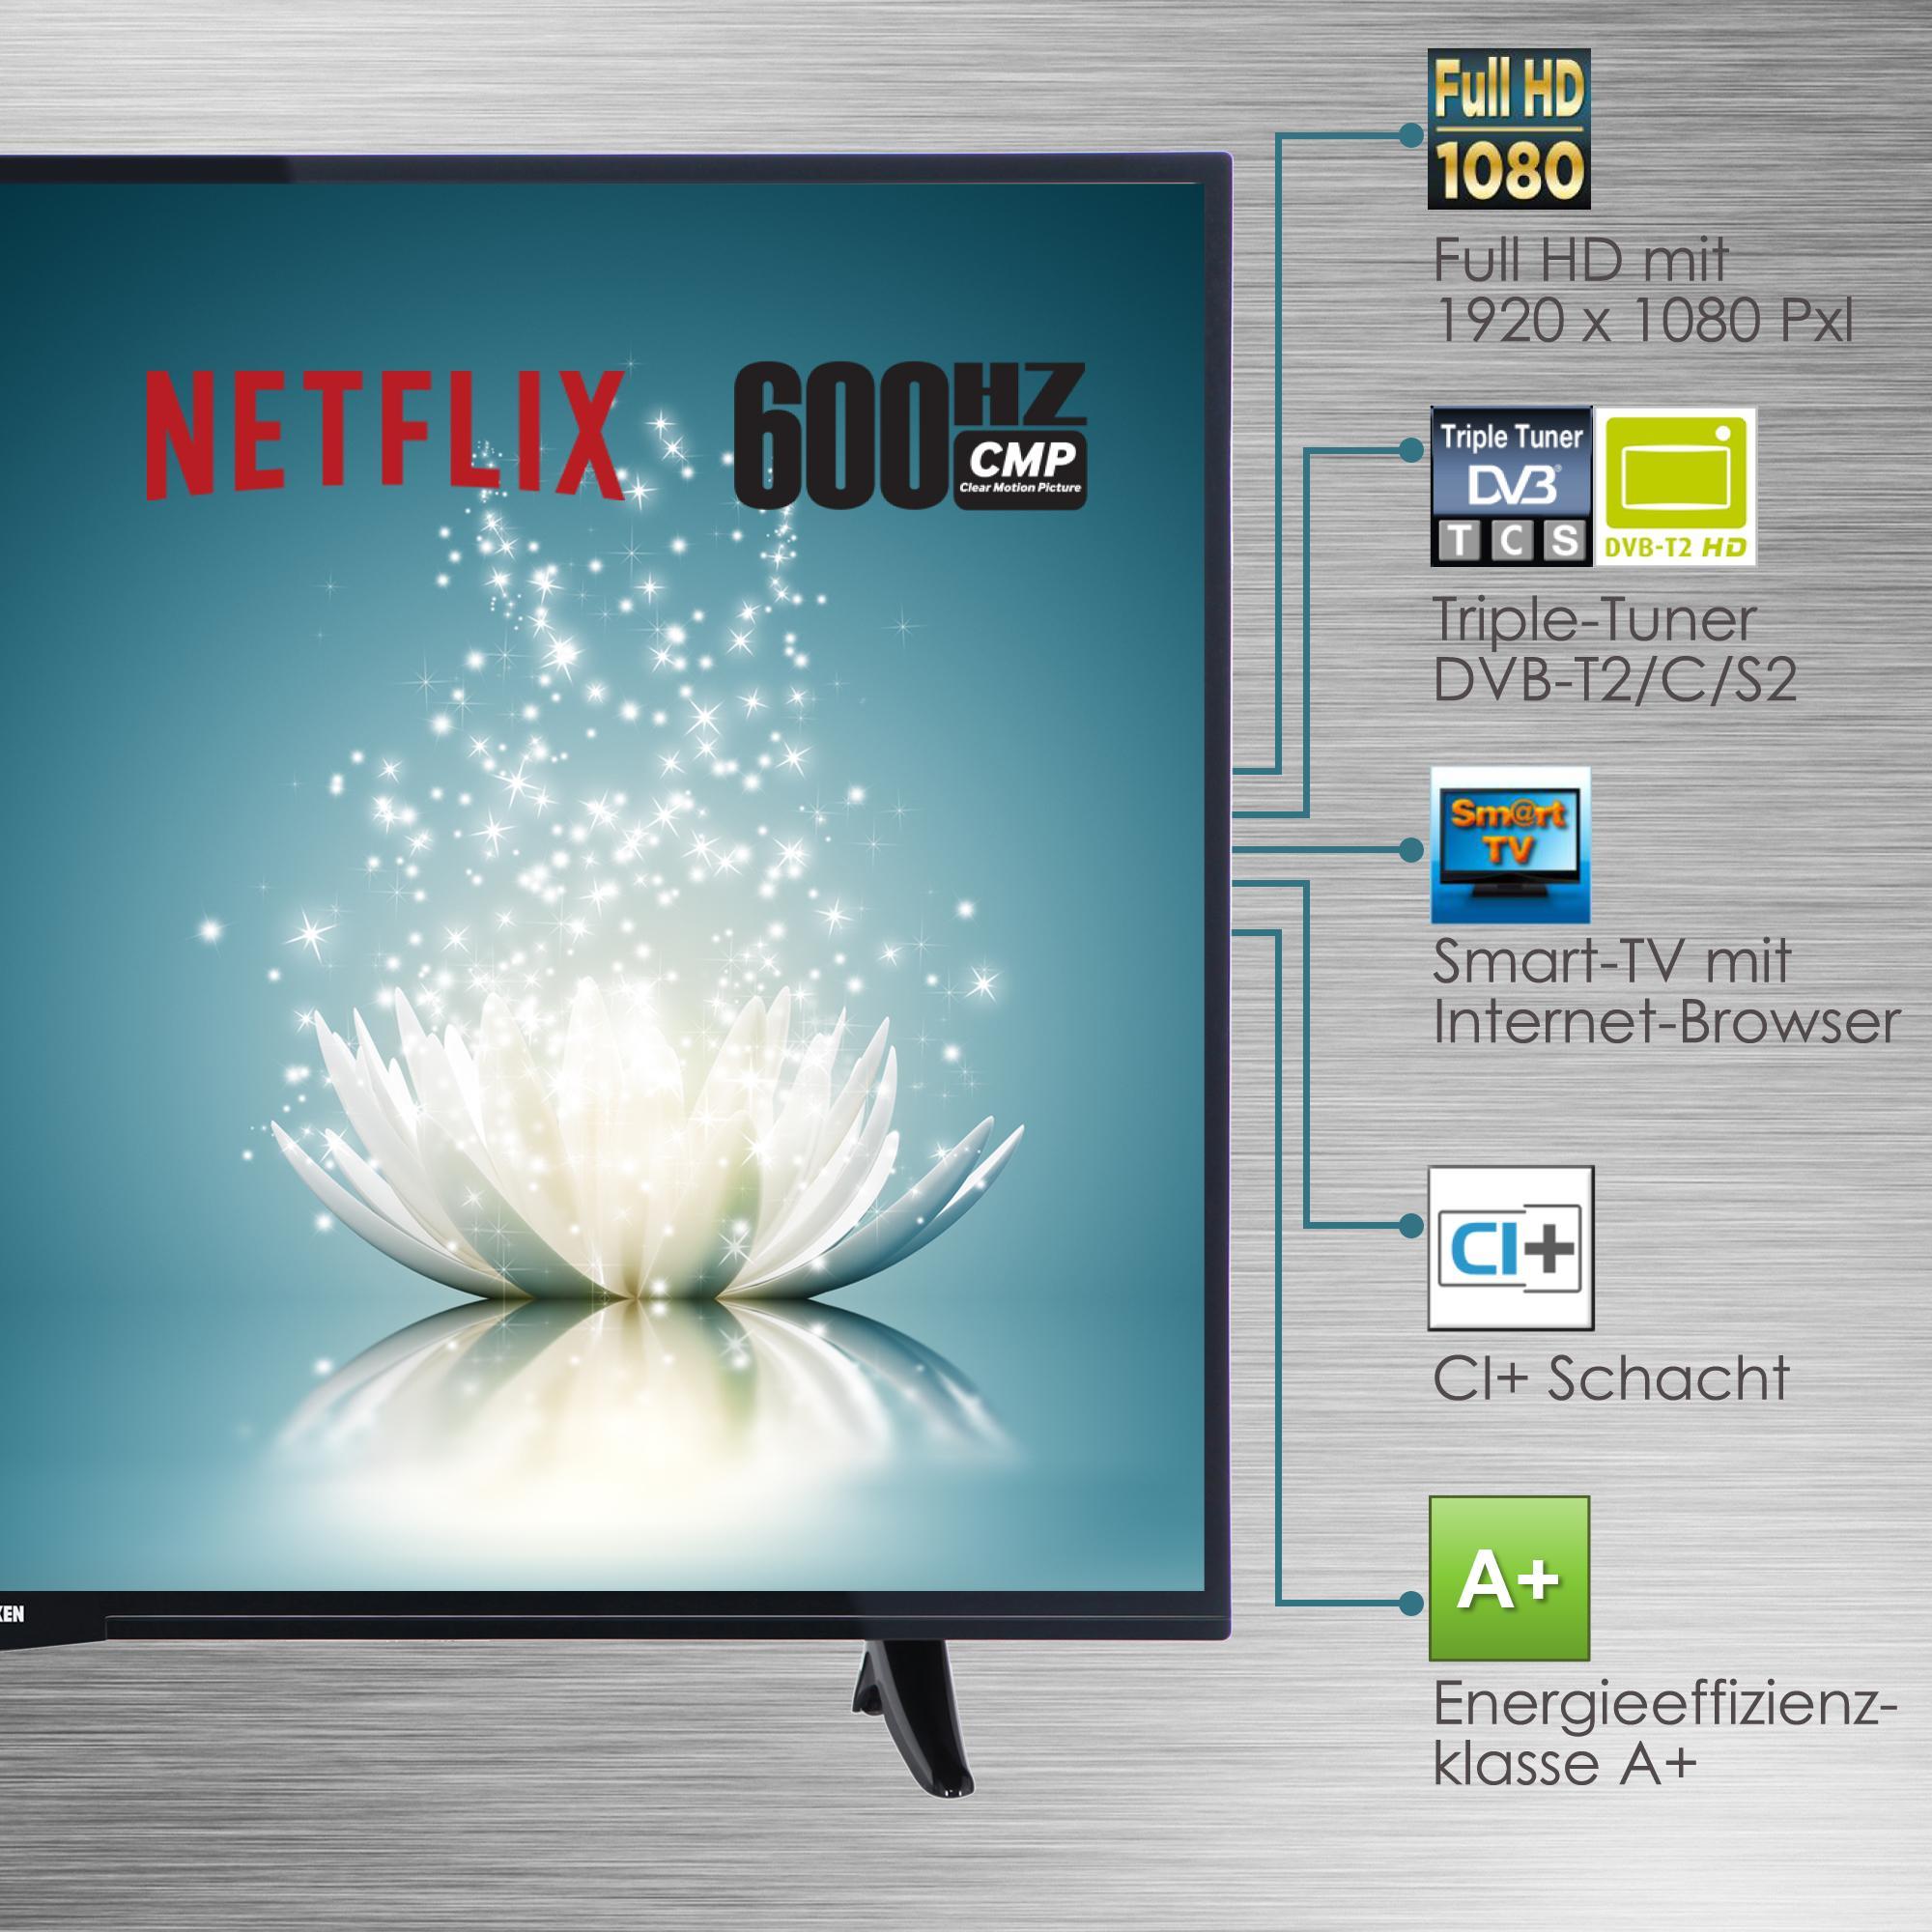 Telefunken XF50A401 127 cm (50 Zoll) Fernseher (Full HD